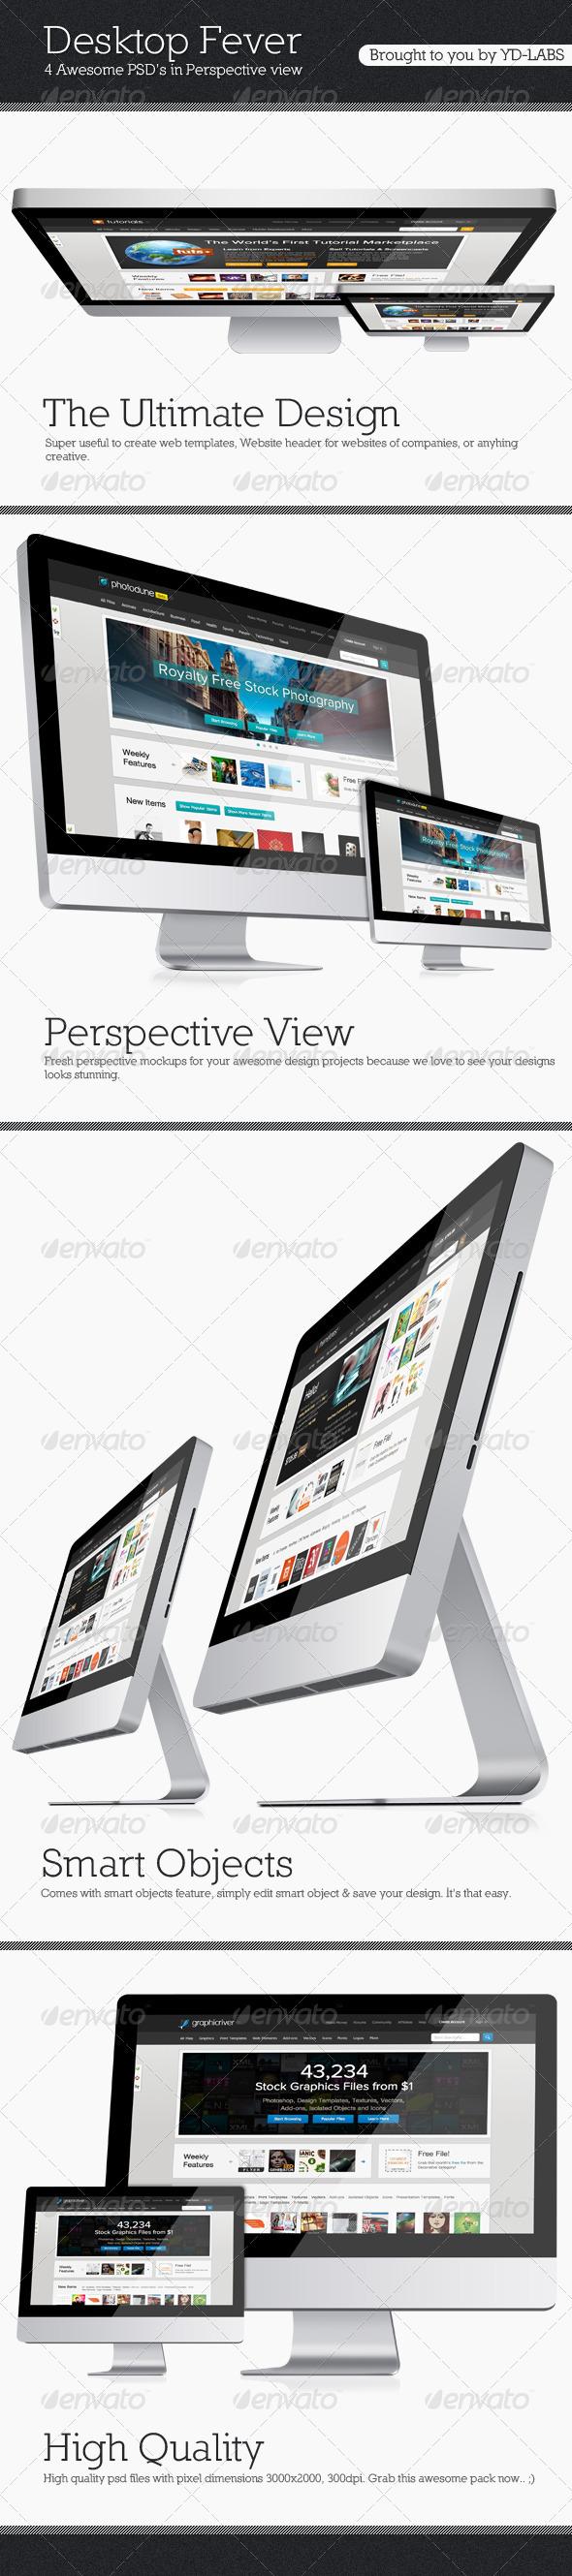 GraphicRiver Desktop Fever Mockup Pack 2212015